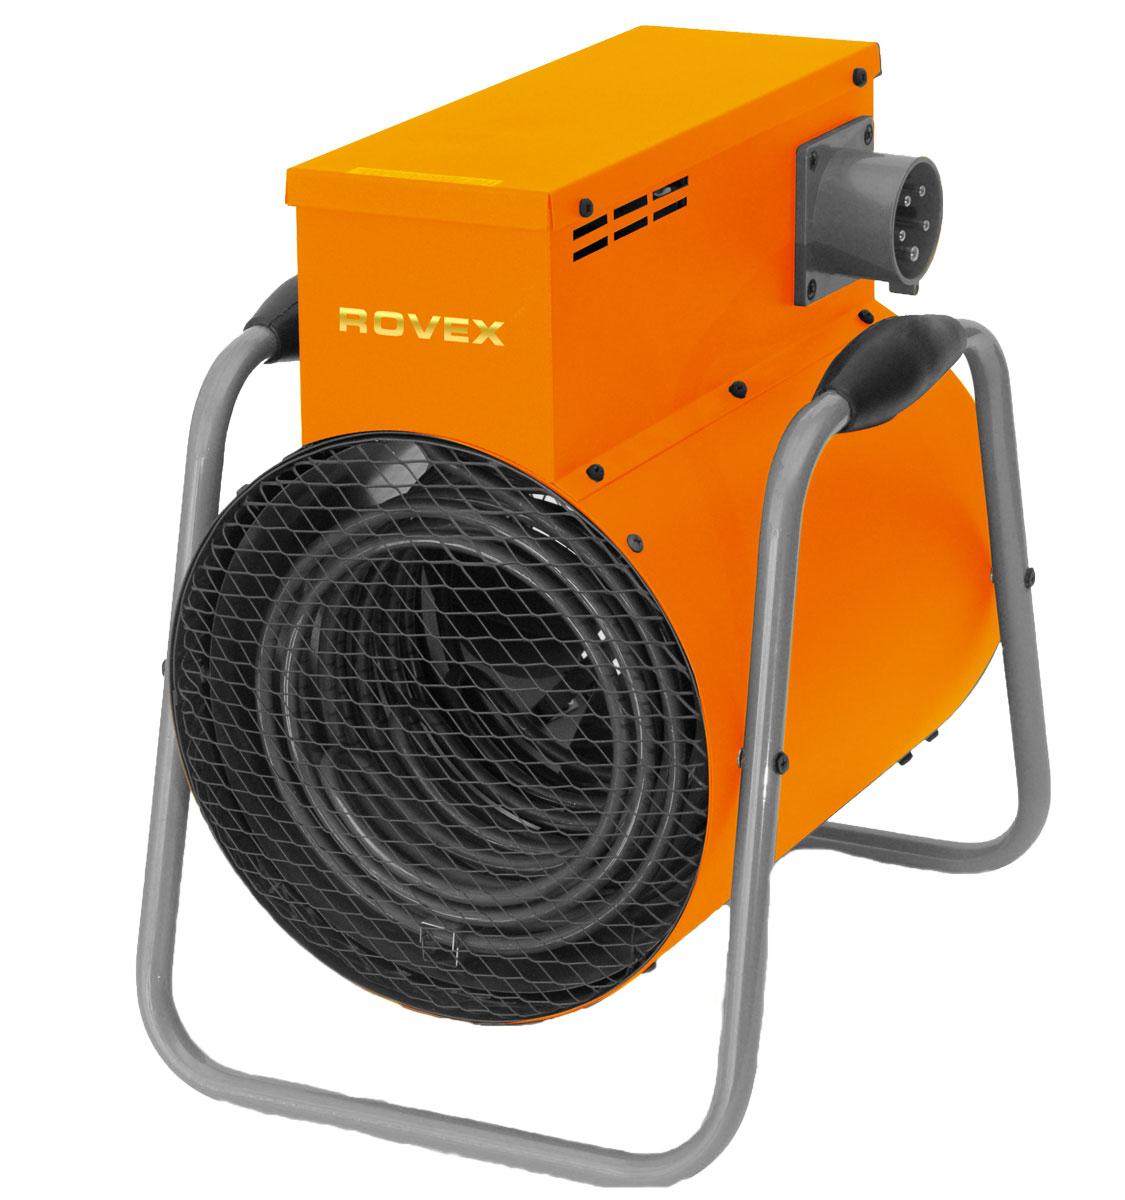 Rovex RT-09К тепловая пушкаRT-09КПринцип работы тепловой пушки Rovex RT-09К такой: встроенный вентилятор собирает холодный воздух, направляет на ТЭН (электронагревательный элемент), а затем уже теплые воздушные массы распределяются по всему помещению. Работа тепловой пушки проста и не затрачивает много электроэнергии.Тепловые пушки электрические популярны и востребованы, а все потому, что обладают рядом преимуществ:Высокой производительностью. Нагреть помещение крупной площади тепловая пушка может за короткое время.Универсальностью. Многие решают купить тепловую пушку, потому что ее можно применять в частных домах, квартирах, торговых помещениях, промышленных предприятиях, строительных площадках.Многофункциональностью. Можно использовать тепловые пушки для нагрева или вентиляции. В систему встроена защита от перегрева.Экологичностью и безопасностью. Электро пушка не сжигает кислород и не выделяет запаха.Надежностью. Встроенный в прибор ТЭН отличается эффективностью и долговечностью. Минимальный срок службы электронагревательного элемента - 25 тысяч часов. А корпус прибора сделан из стали, покрытой антикоррозийным веществом.Компактностью. Обогреватель пушка купить стоит. Он не имеет встроенных топливных баков и других дополнительных отсеков. Модели бывают переносные и стационарные.Простотой ухода и обслуживания. Думая о тепловых пушках, подбирая модель, вы должны знать, что обслуживать оборудование легко. Достаточно просто протереть его от пыли. А ремонт тепловых пушек проводится быстро, ведь внутри нет сложного механизма.Привлекательной стоимостью. Цены тепловых пушек доступны каждому.